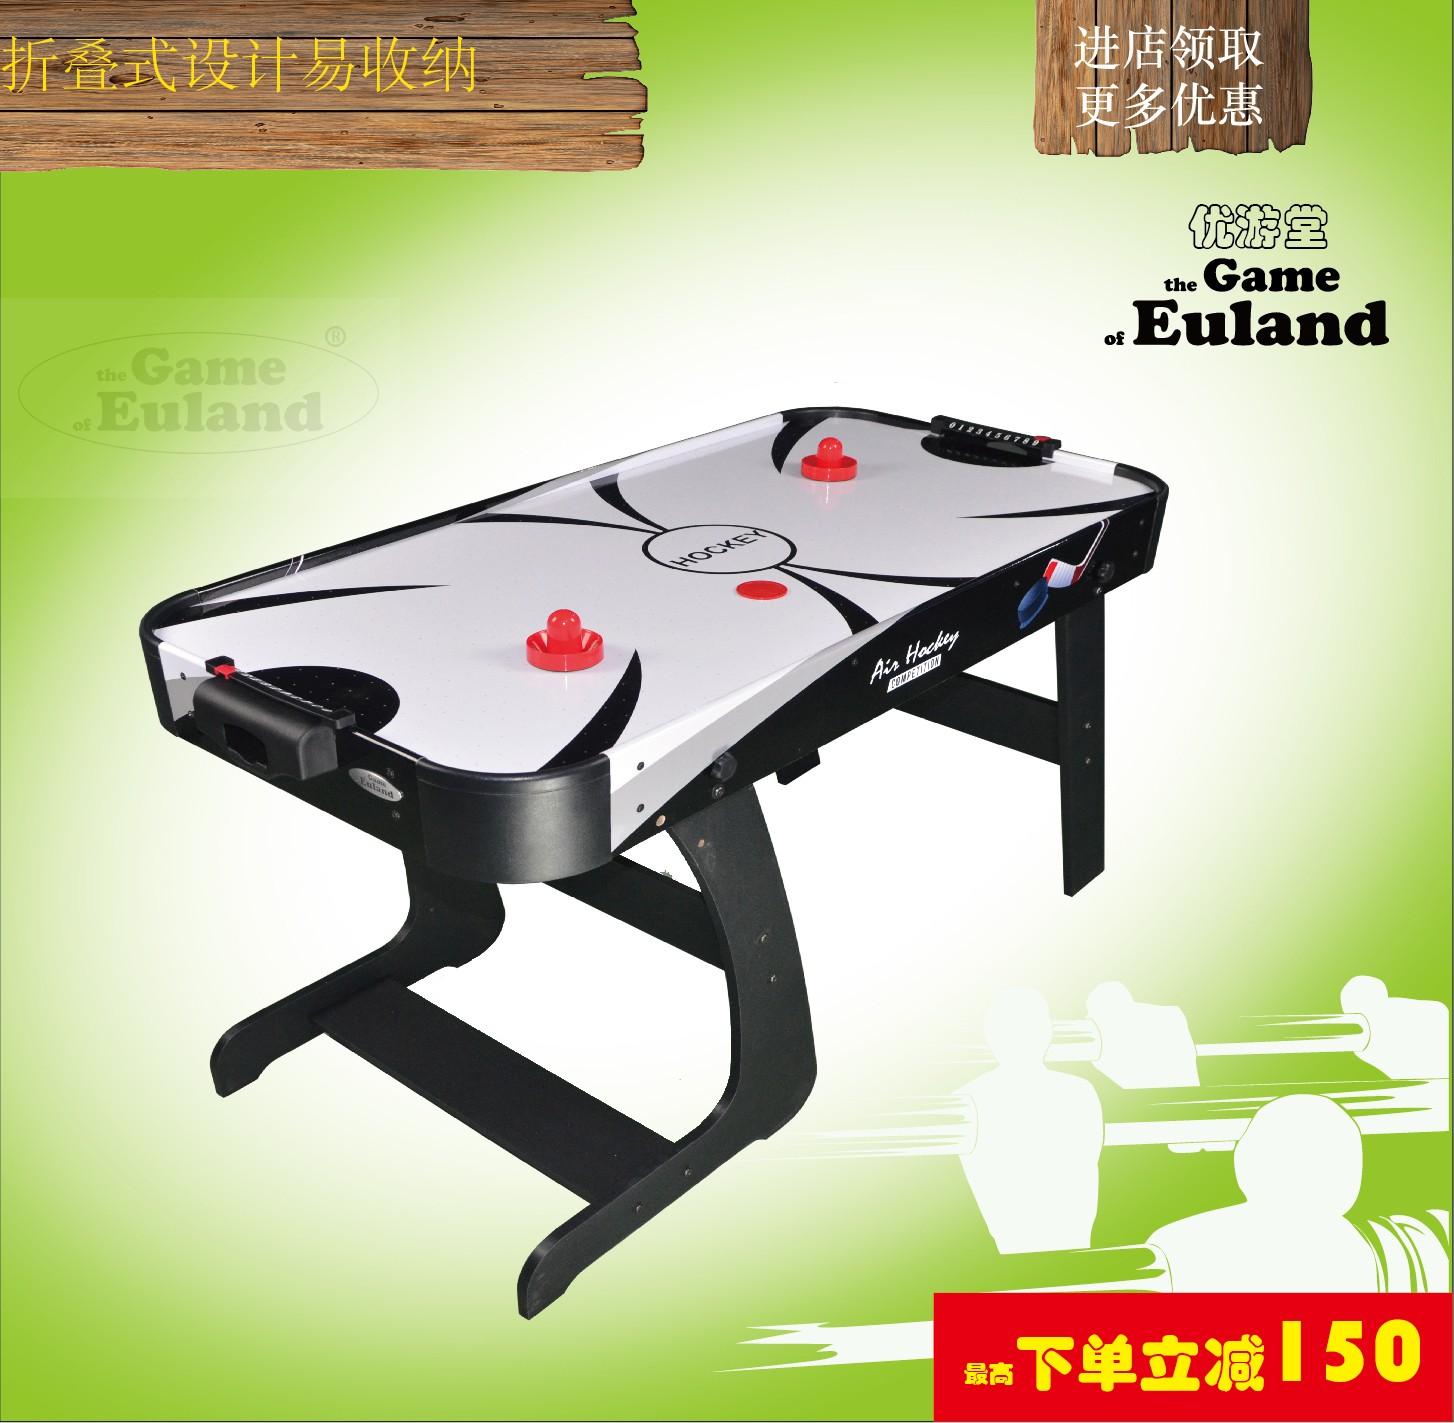 桌上冰球 儿童冰球桌 桌面冰球 桌上冰球机 可折叠桌上空气球